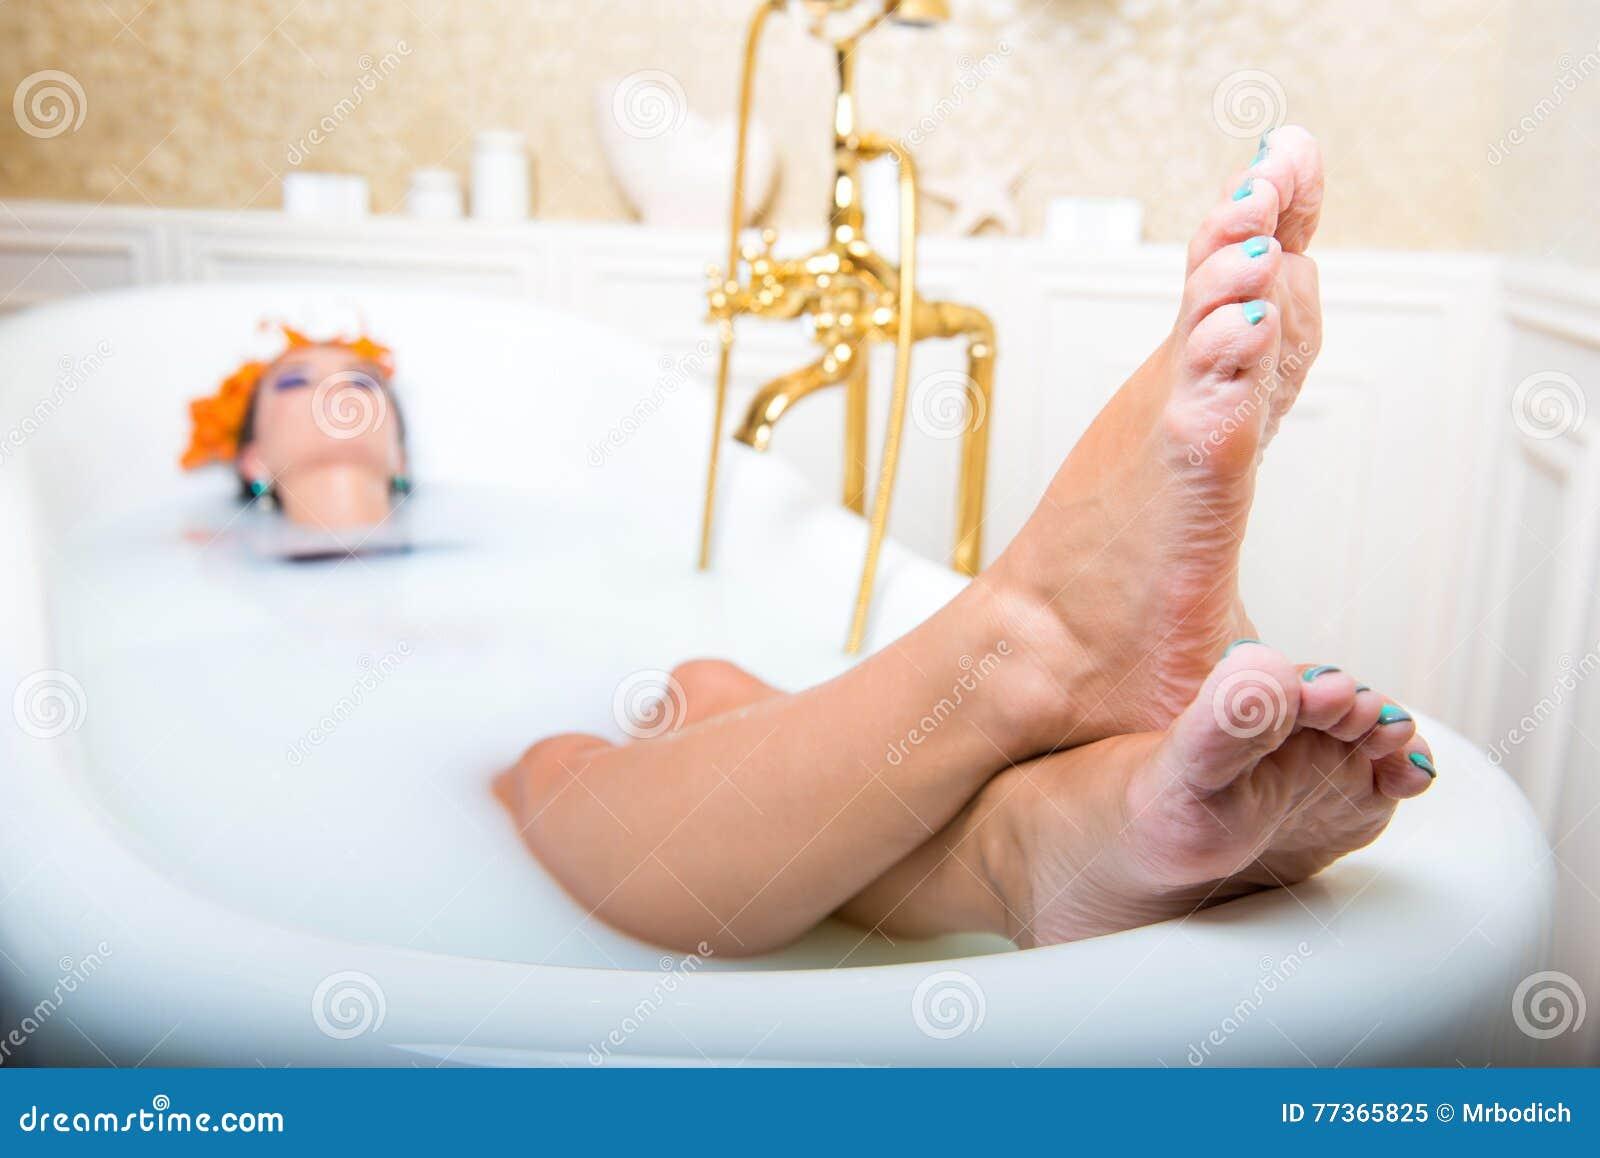 Лежа в ванне фото фото 601-154